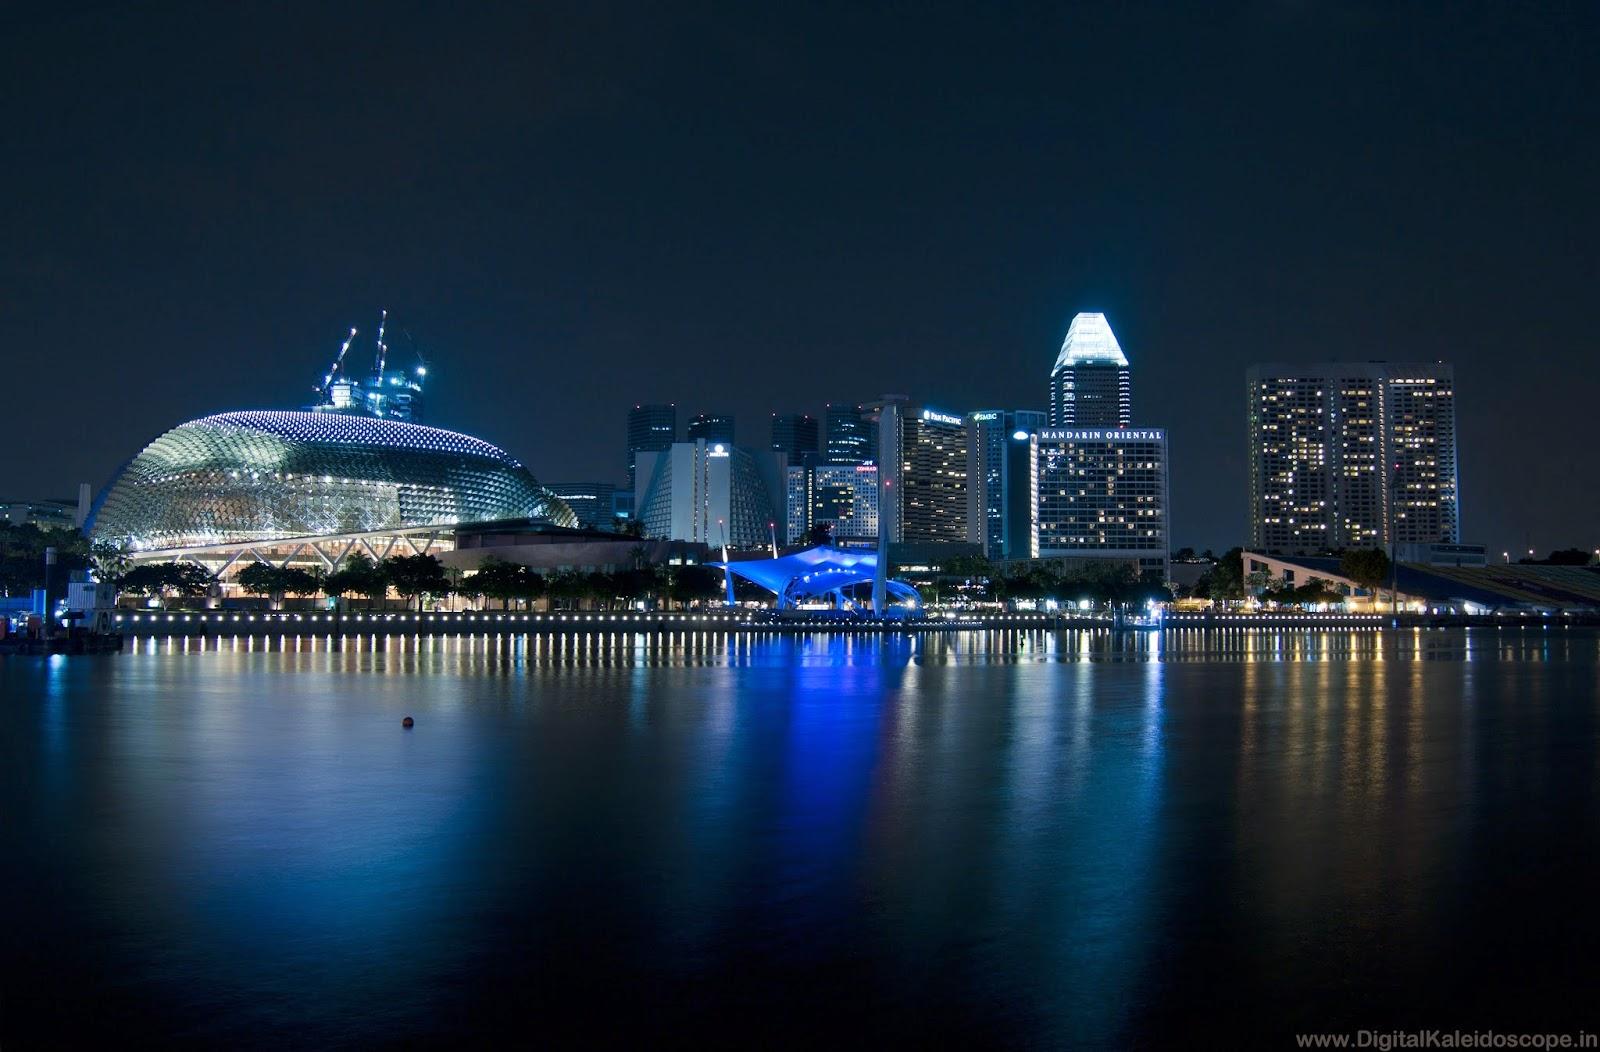 Esplanade Theatre Singapore